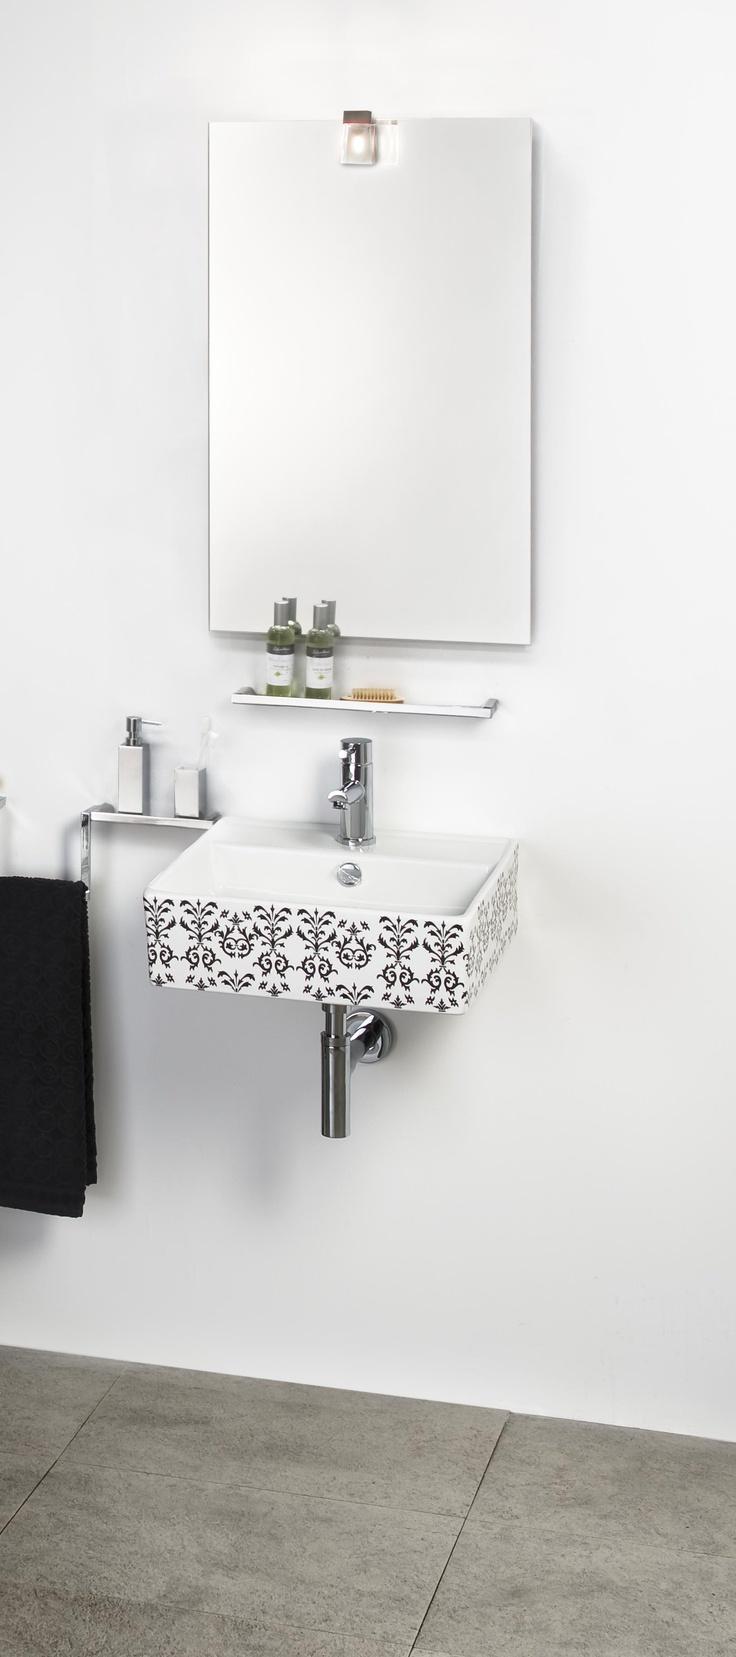 Lavabo LOFT fabricado en porcelana blanca con decoración barroca en color negro.